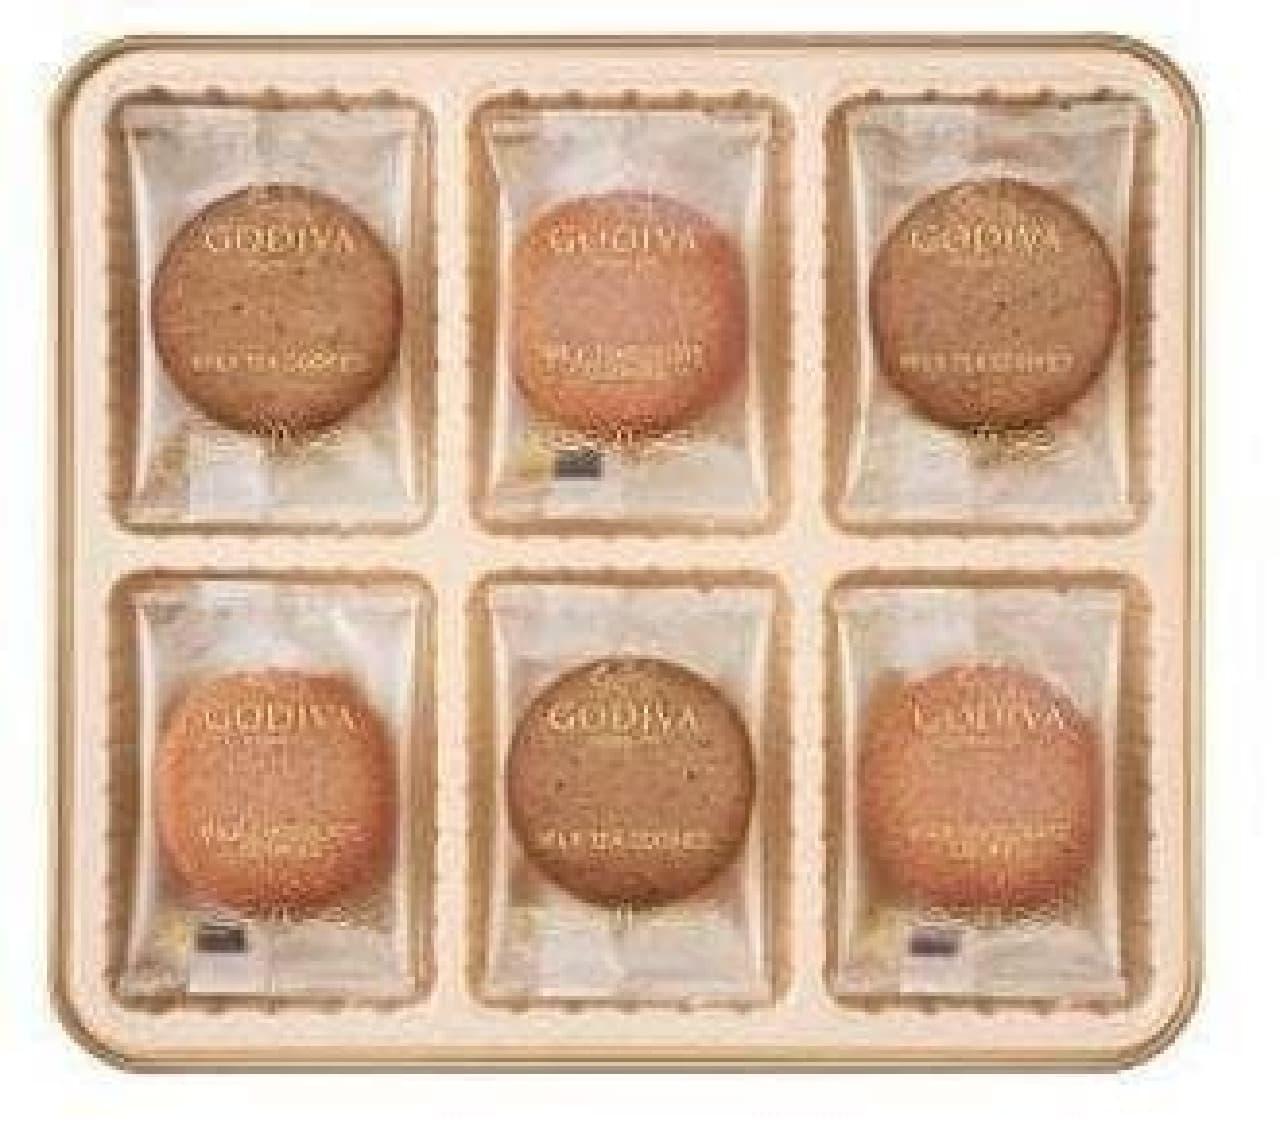 ミルクティークッキーアソートメント  (画像は18枚入り)